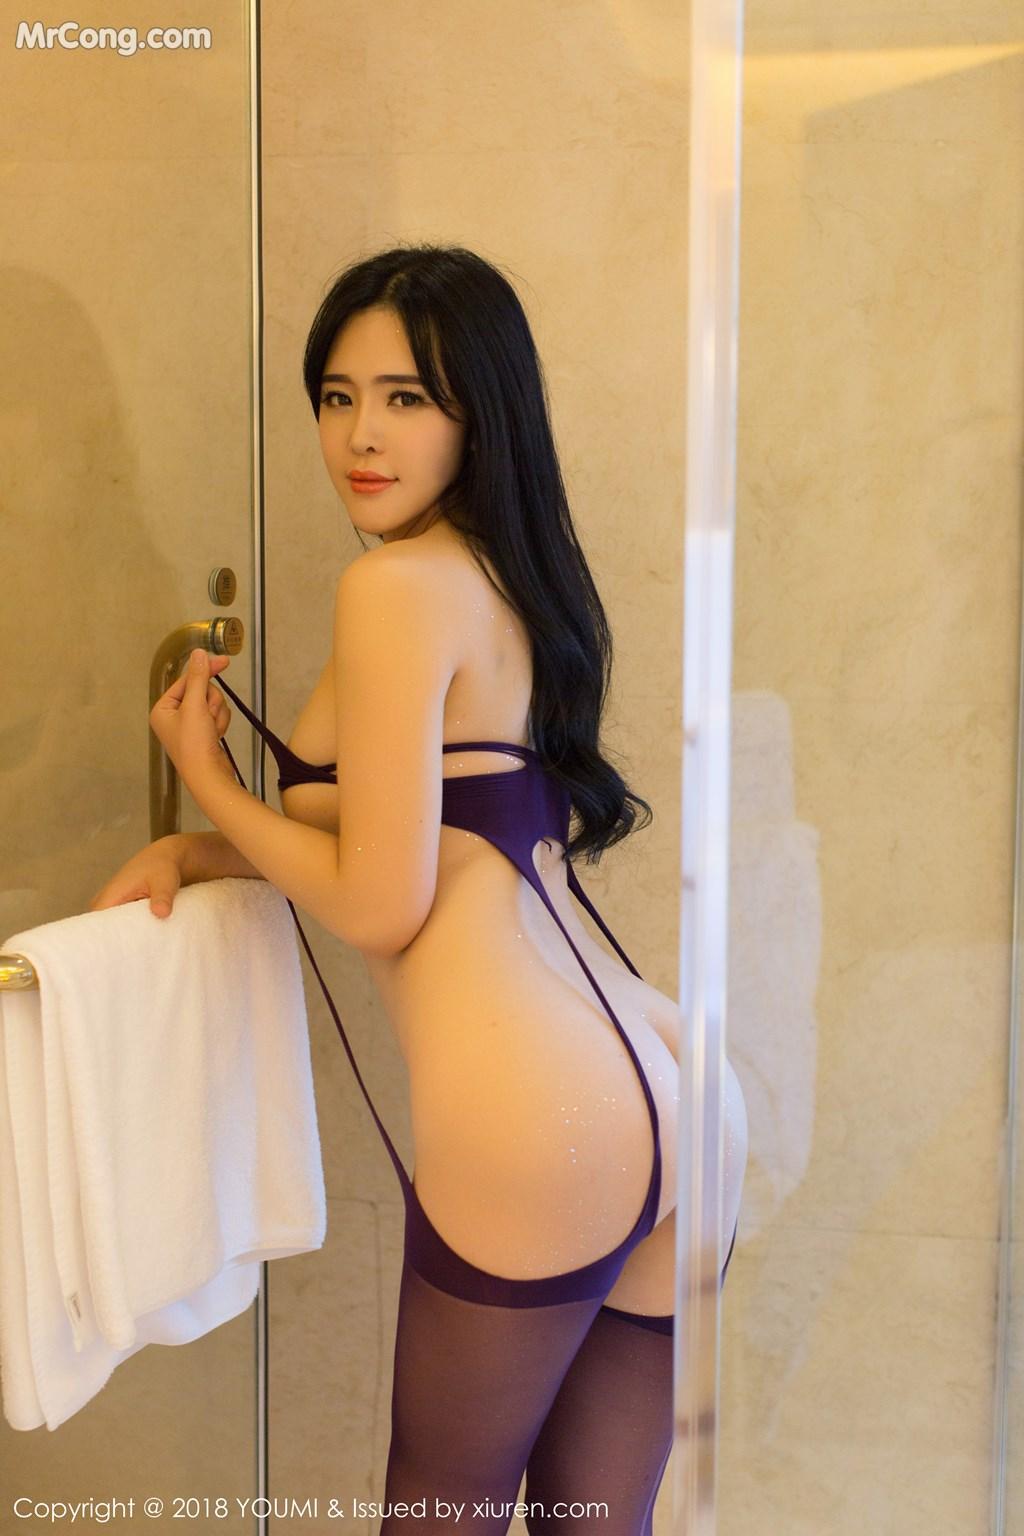 Image YouMi-Vol.124-Liu-Yu-Er-MrCong.com-039 in post YouMi Vol.124: Người mẫu Liu Yu Er (刘钰儿) (41 ảnh)